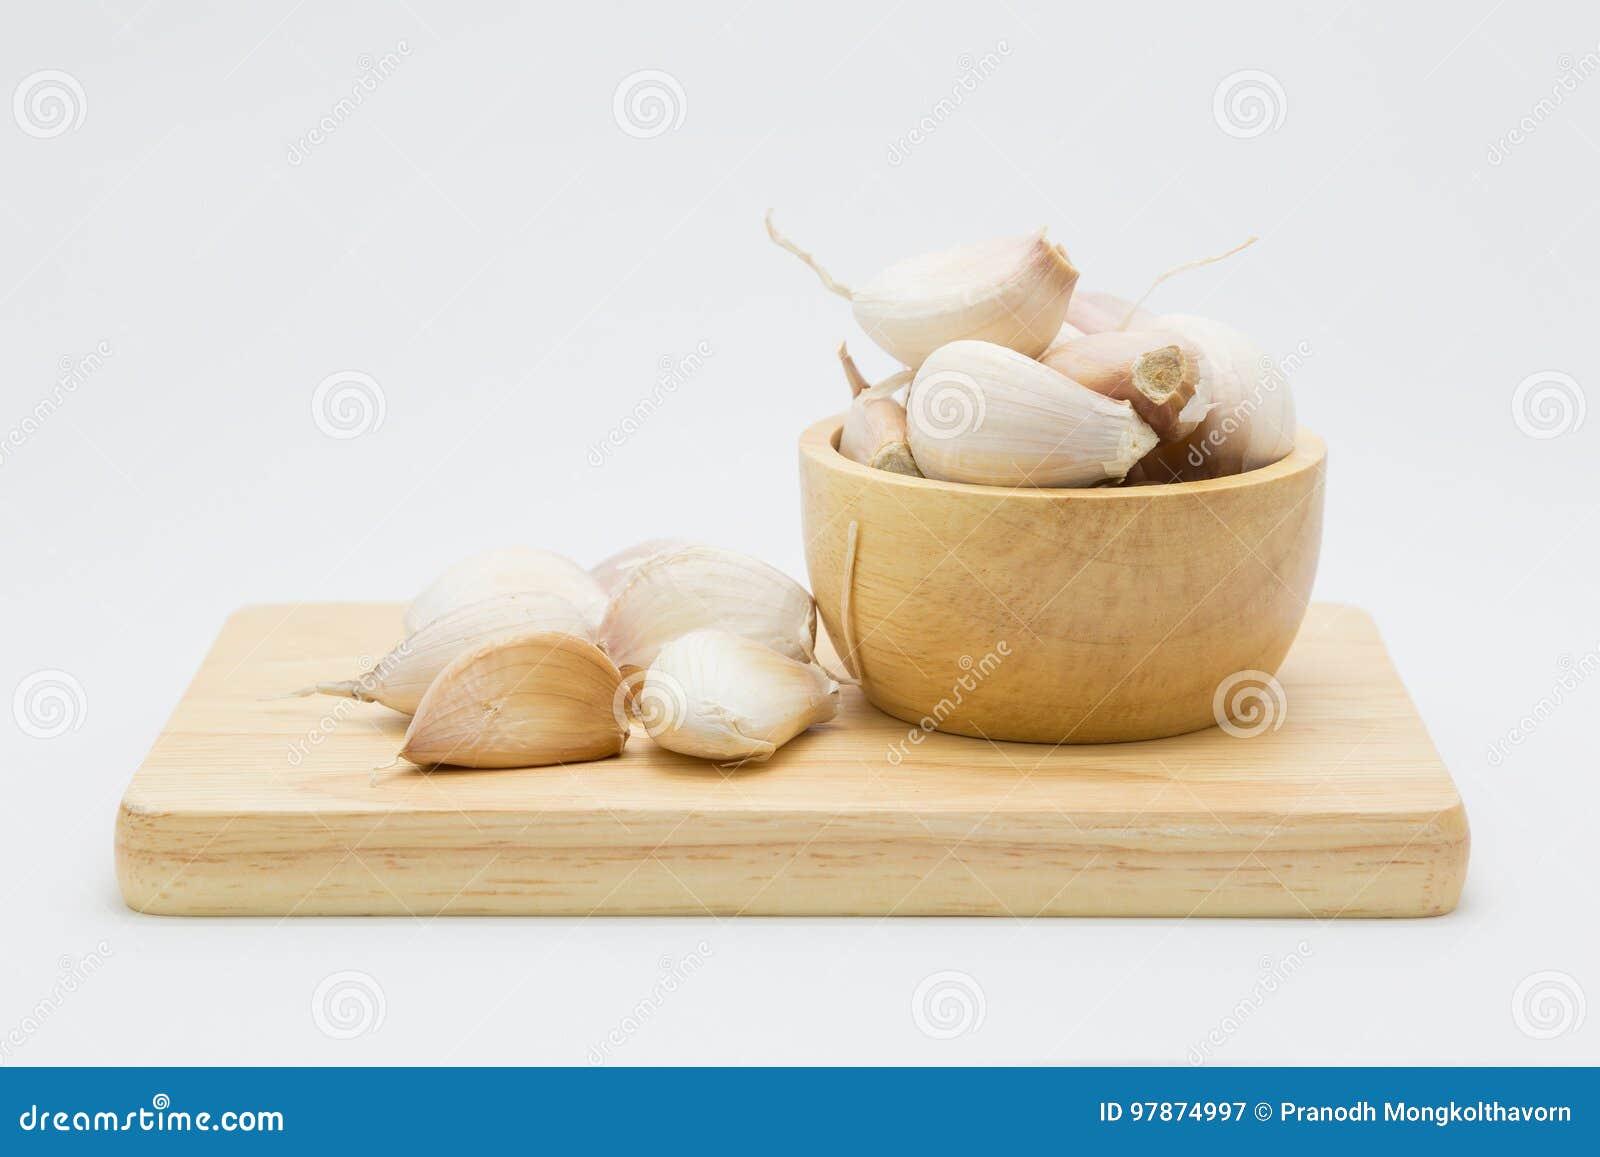 Drewniany puchar z korzeniowym czosnkiem